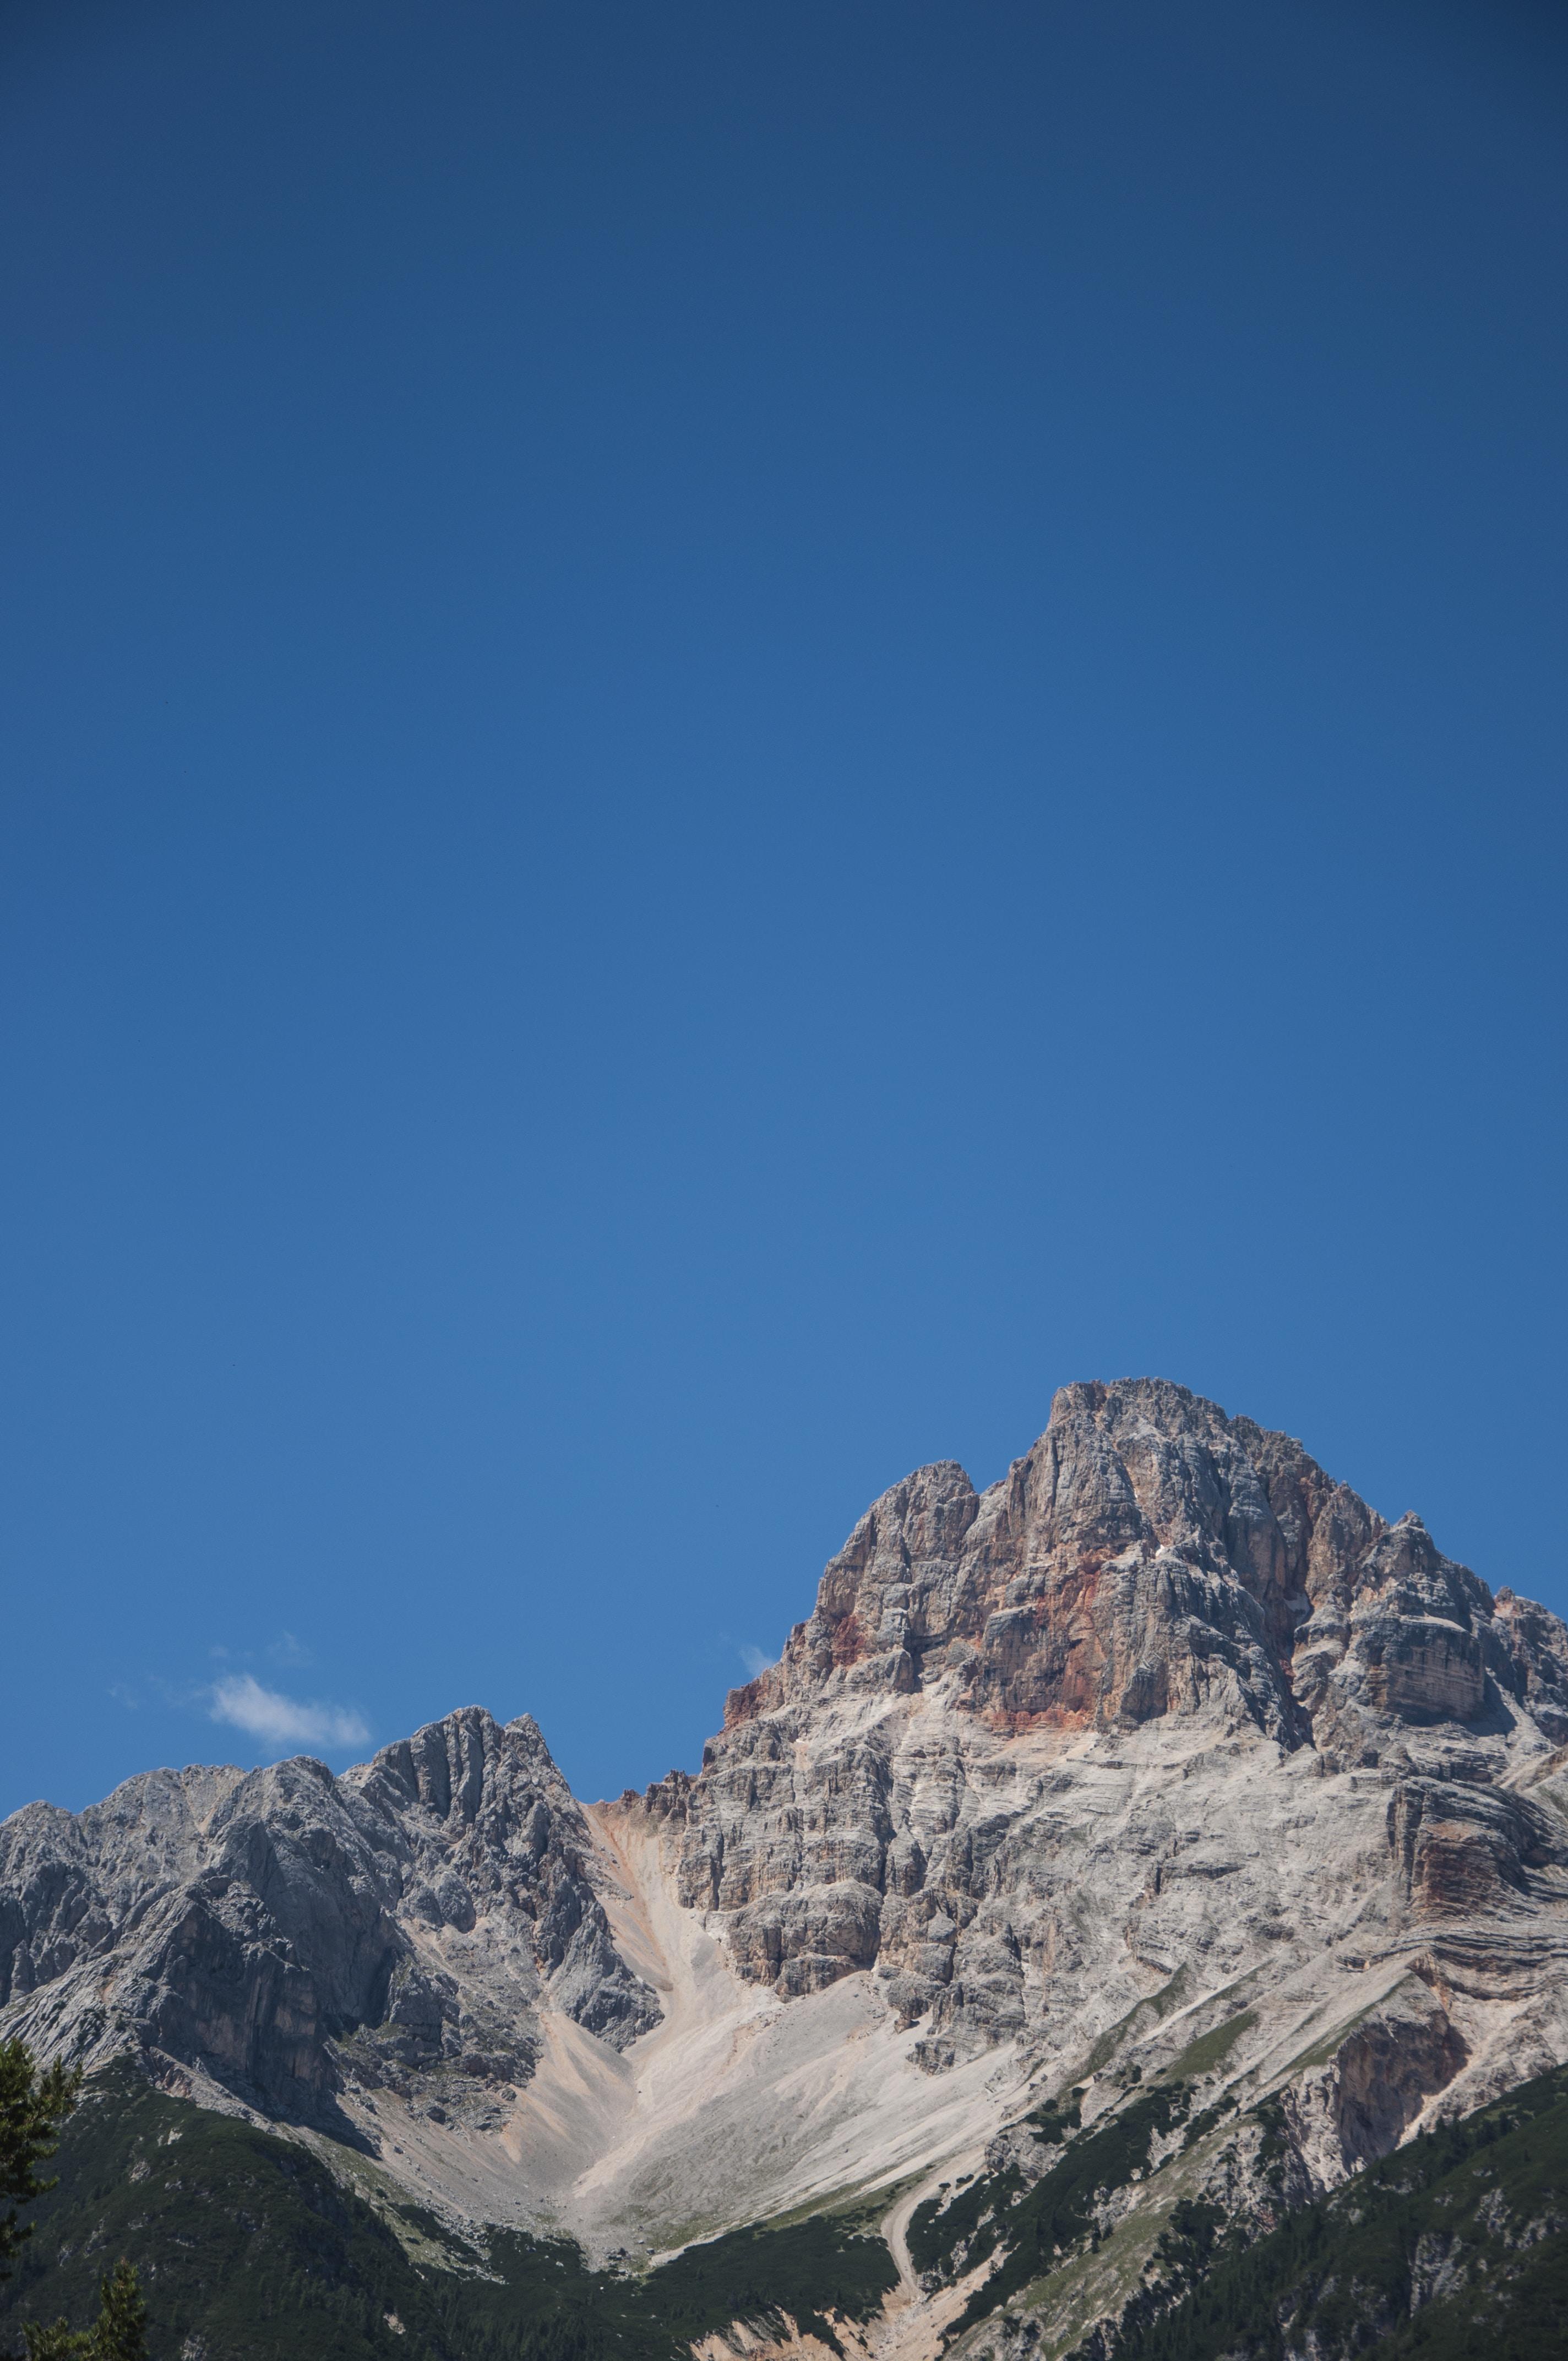 brown rock mountains photo during daytime